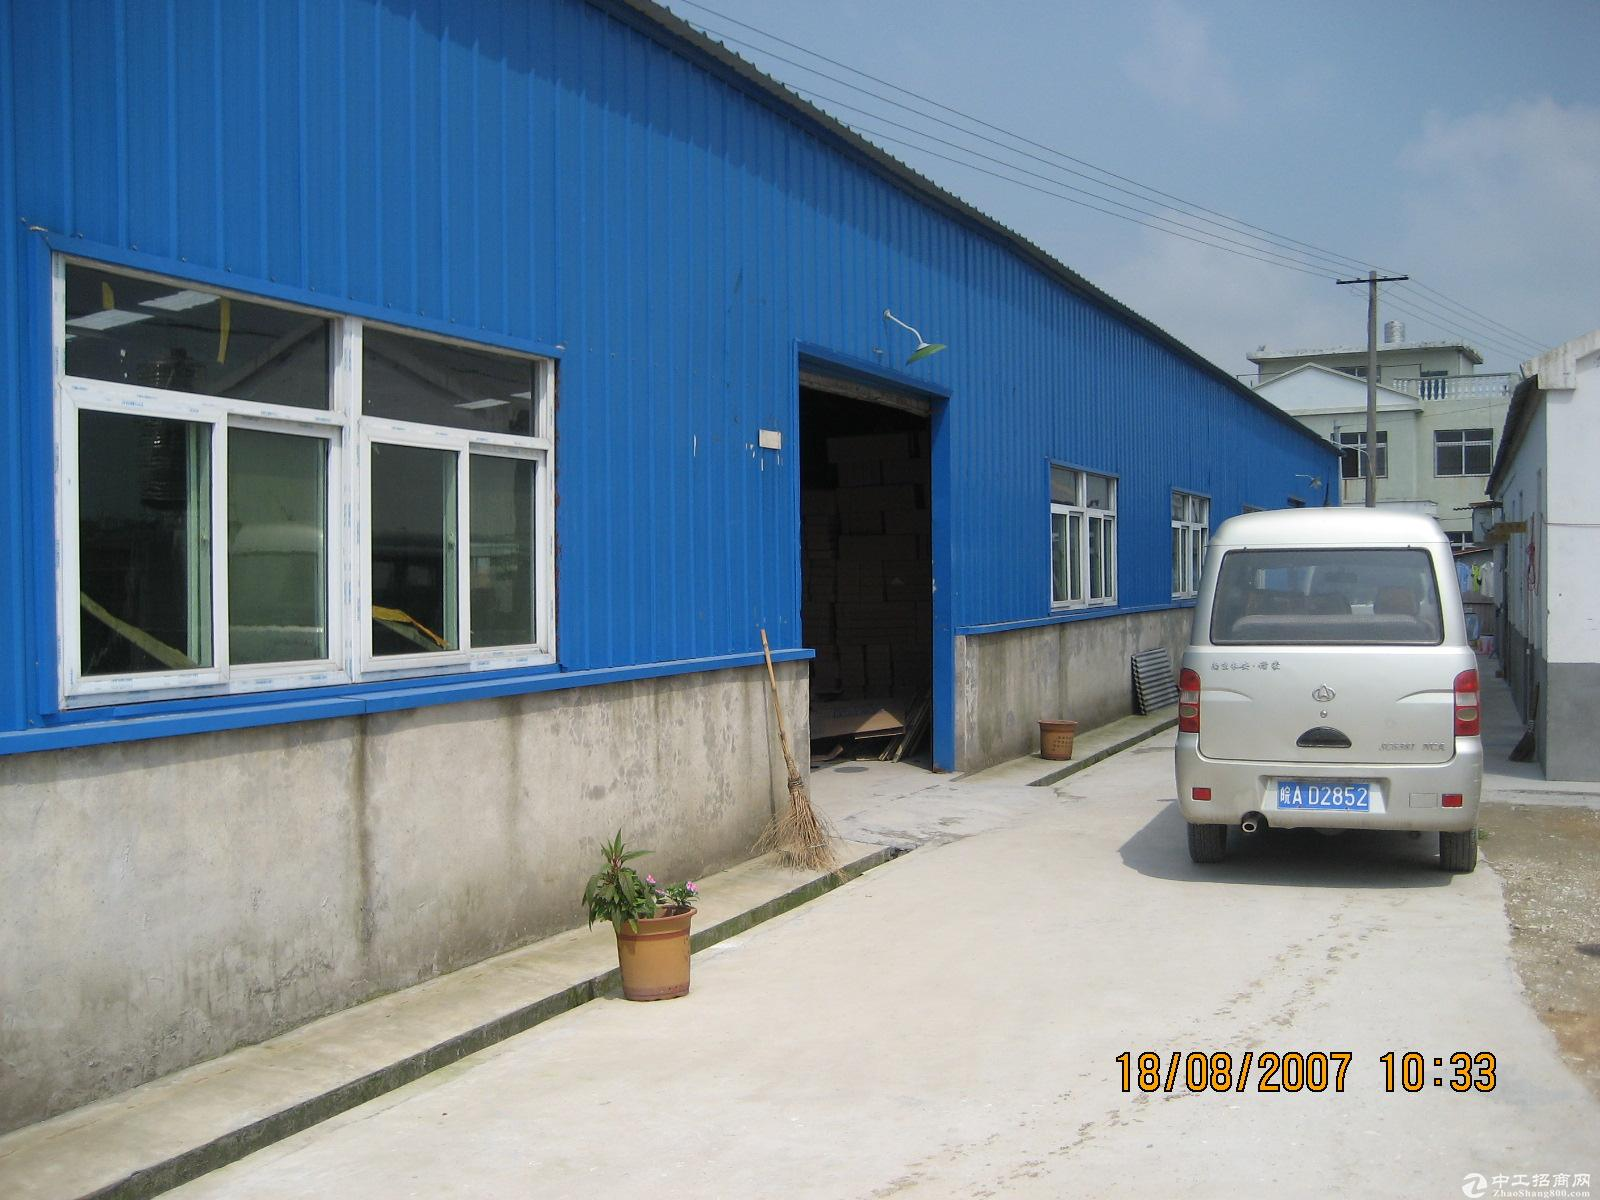 仓库出租非中介、附近有华东建材城、长江批发市场